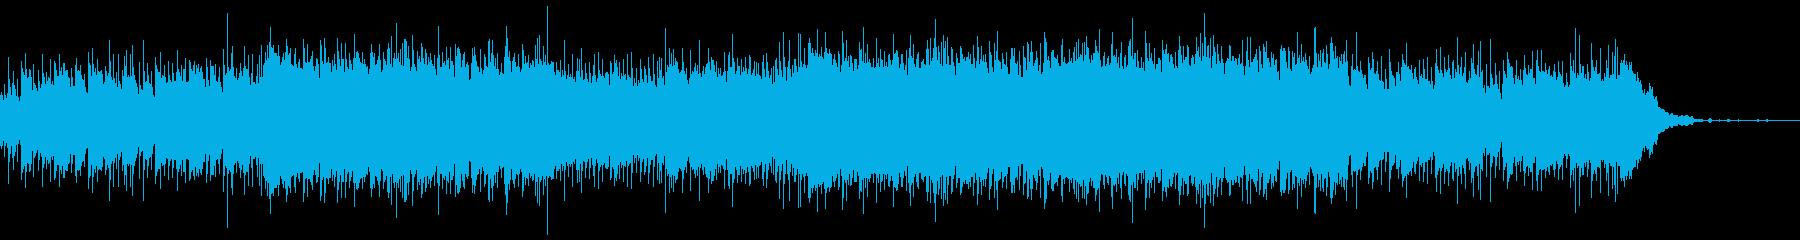 企業VP・ほのぼのアコースティックギターの再生済みの波形